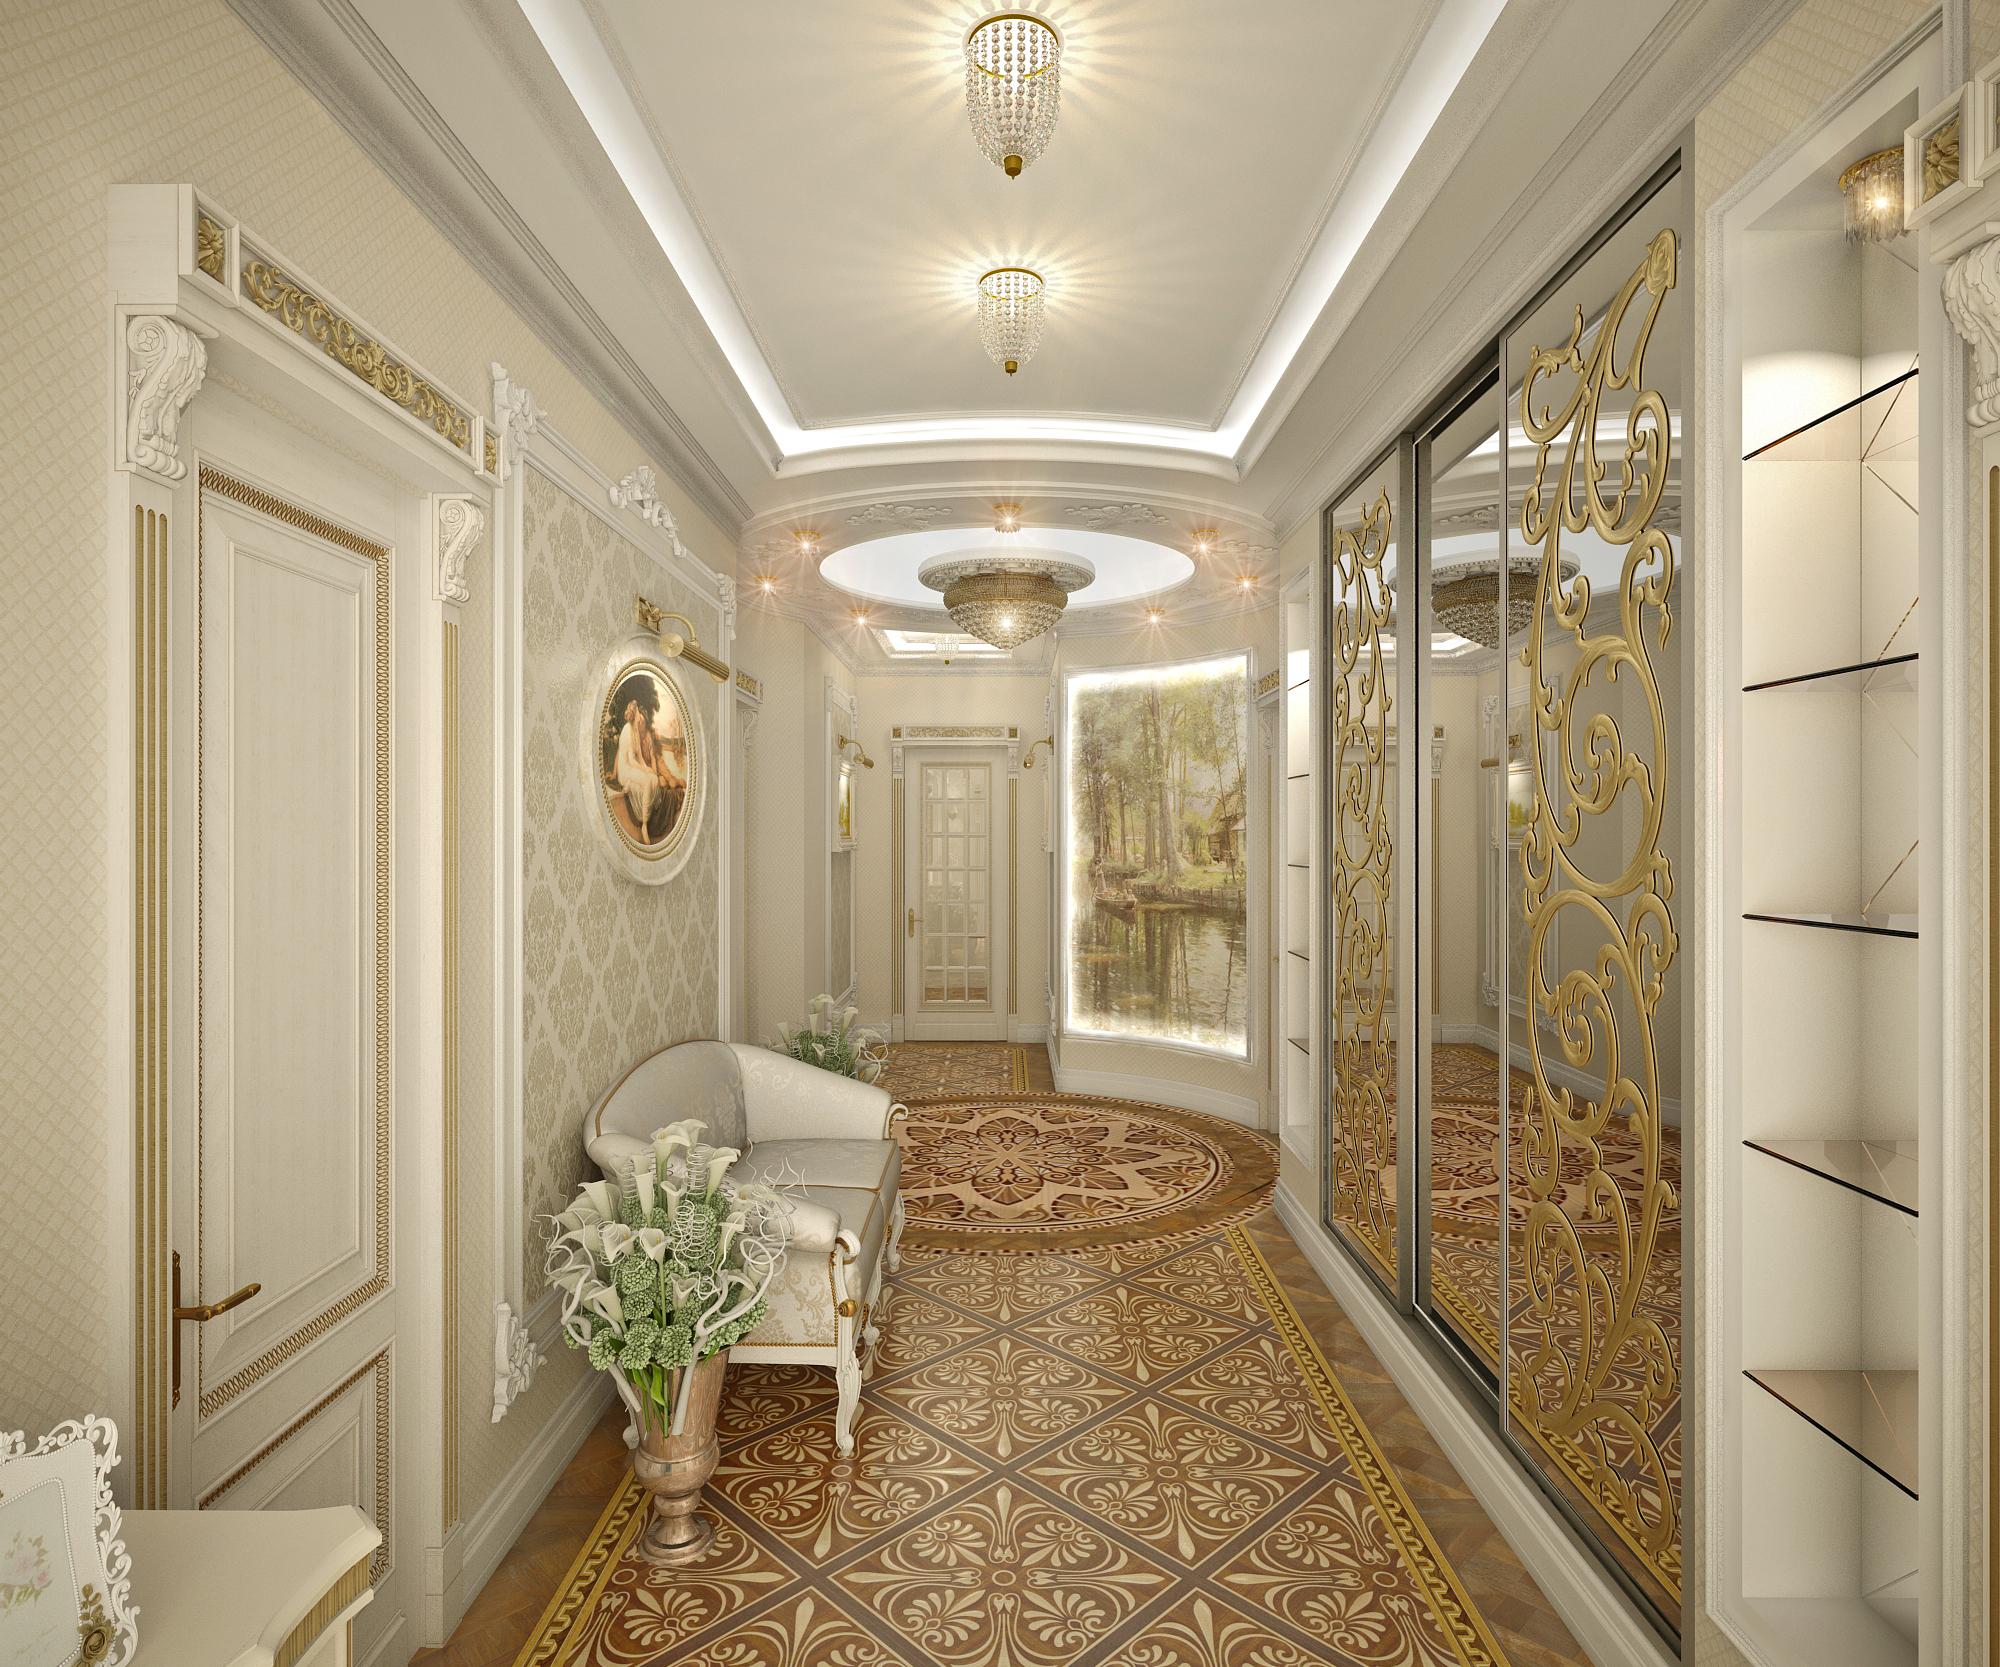 стеклотканевые обои в коридор интерьер